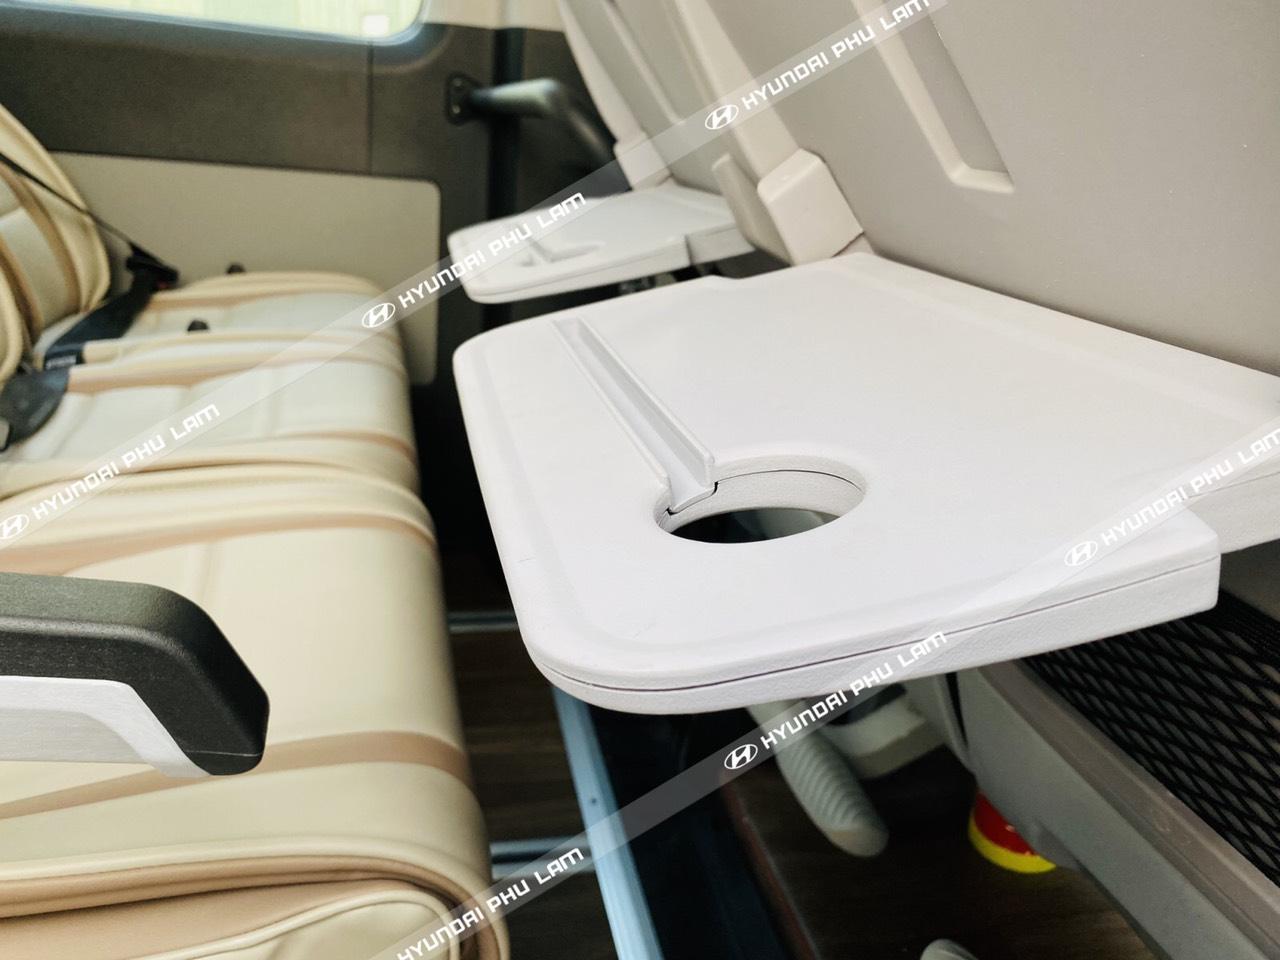 Xe 16 chỗ solati ghế U châu âu 2020 báo giá ưu đãi cho khách hàng!